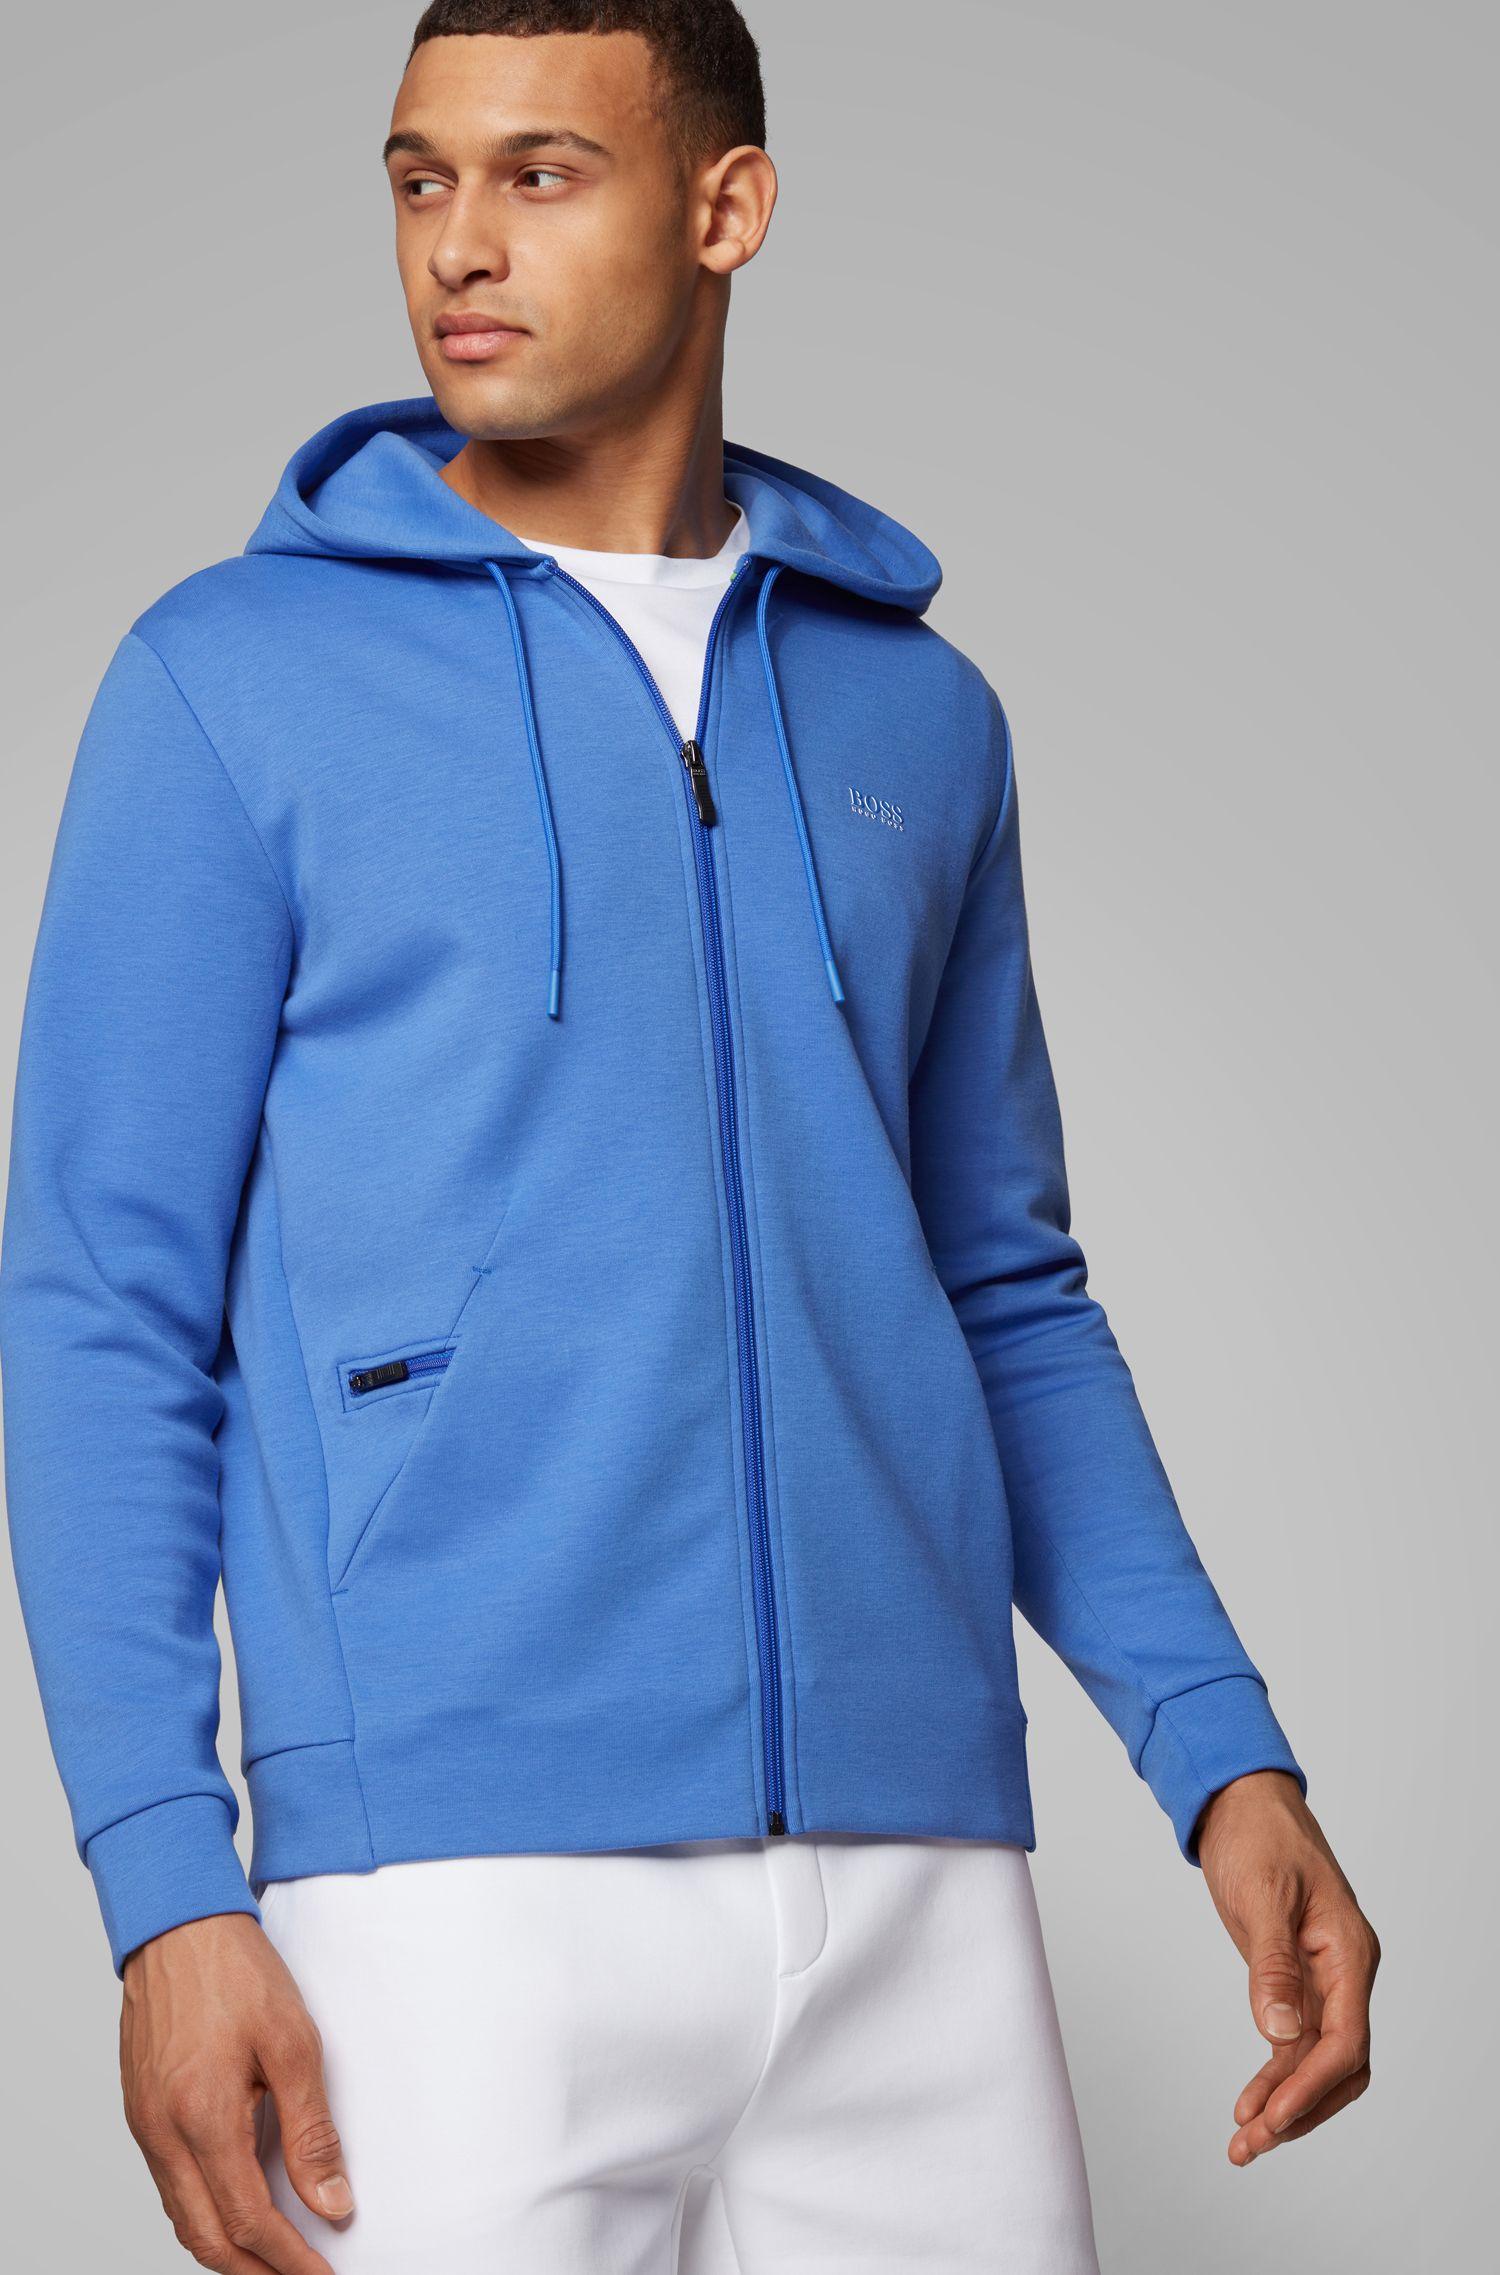 Sudadera con capucha, cremallera integral y bolsillo oculto para el teléfono, Azul